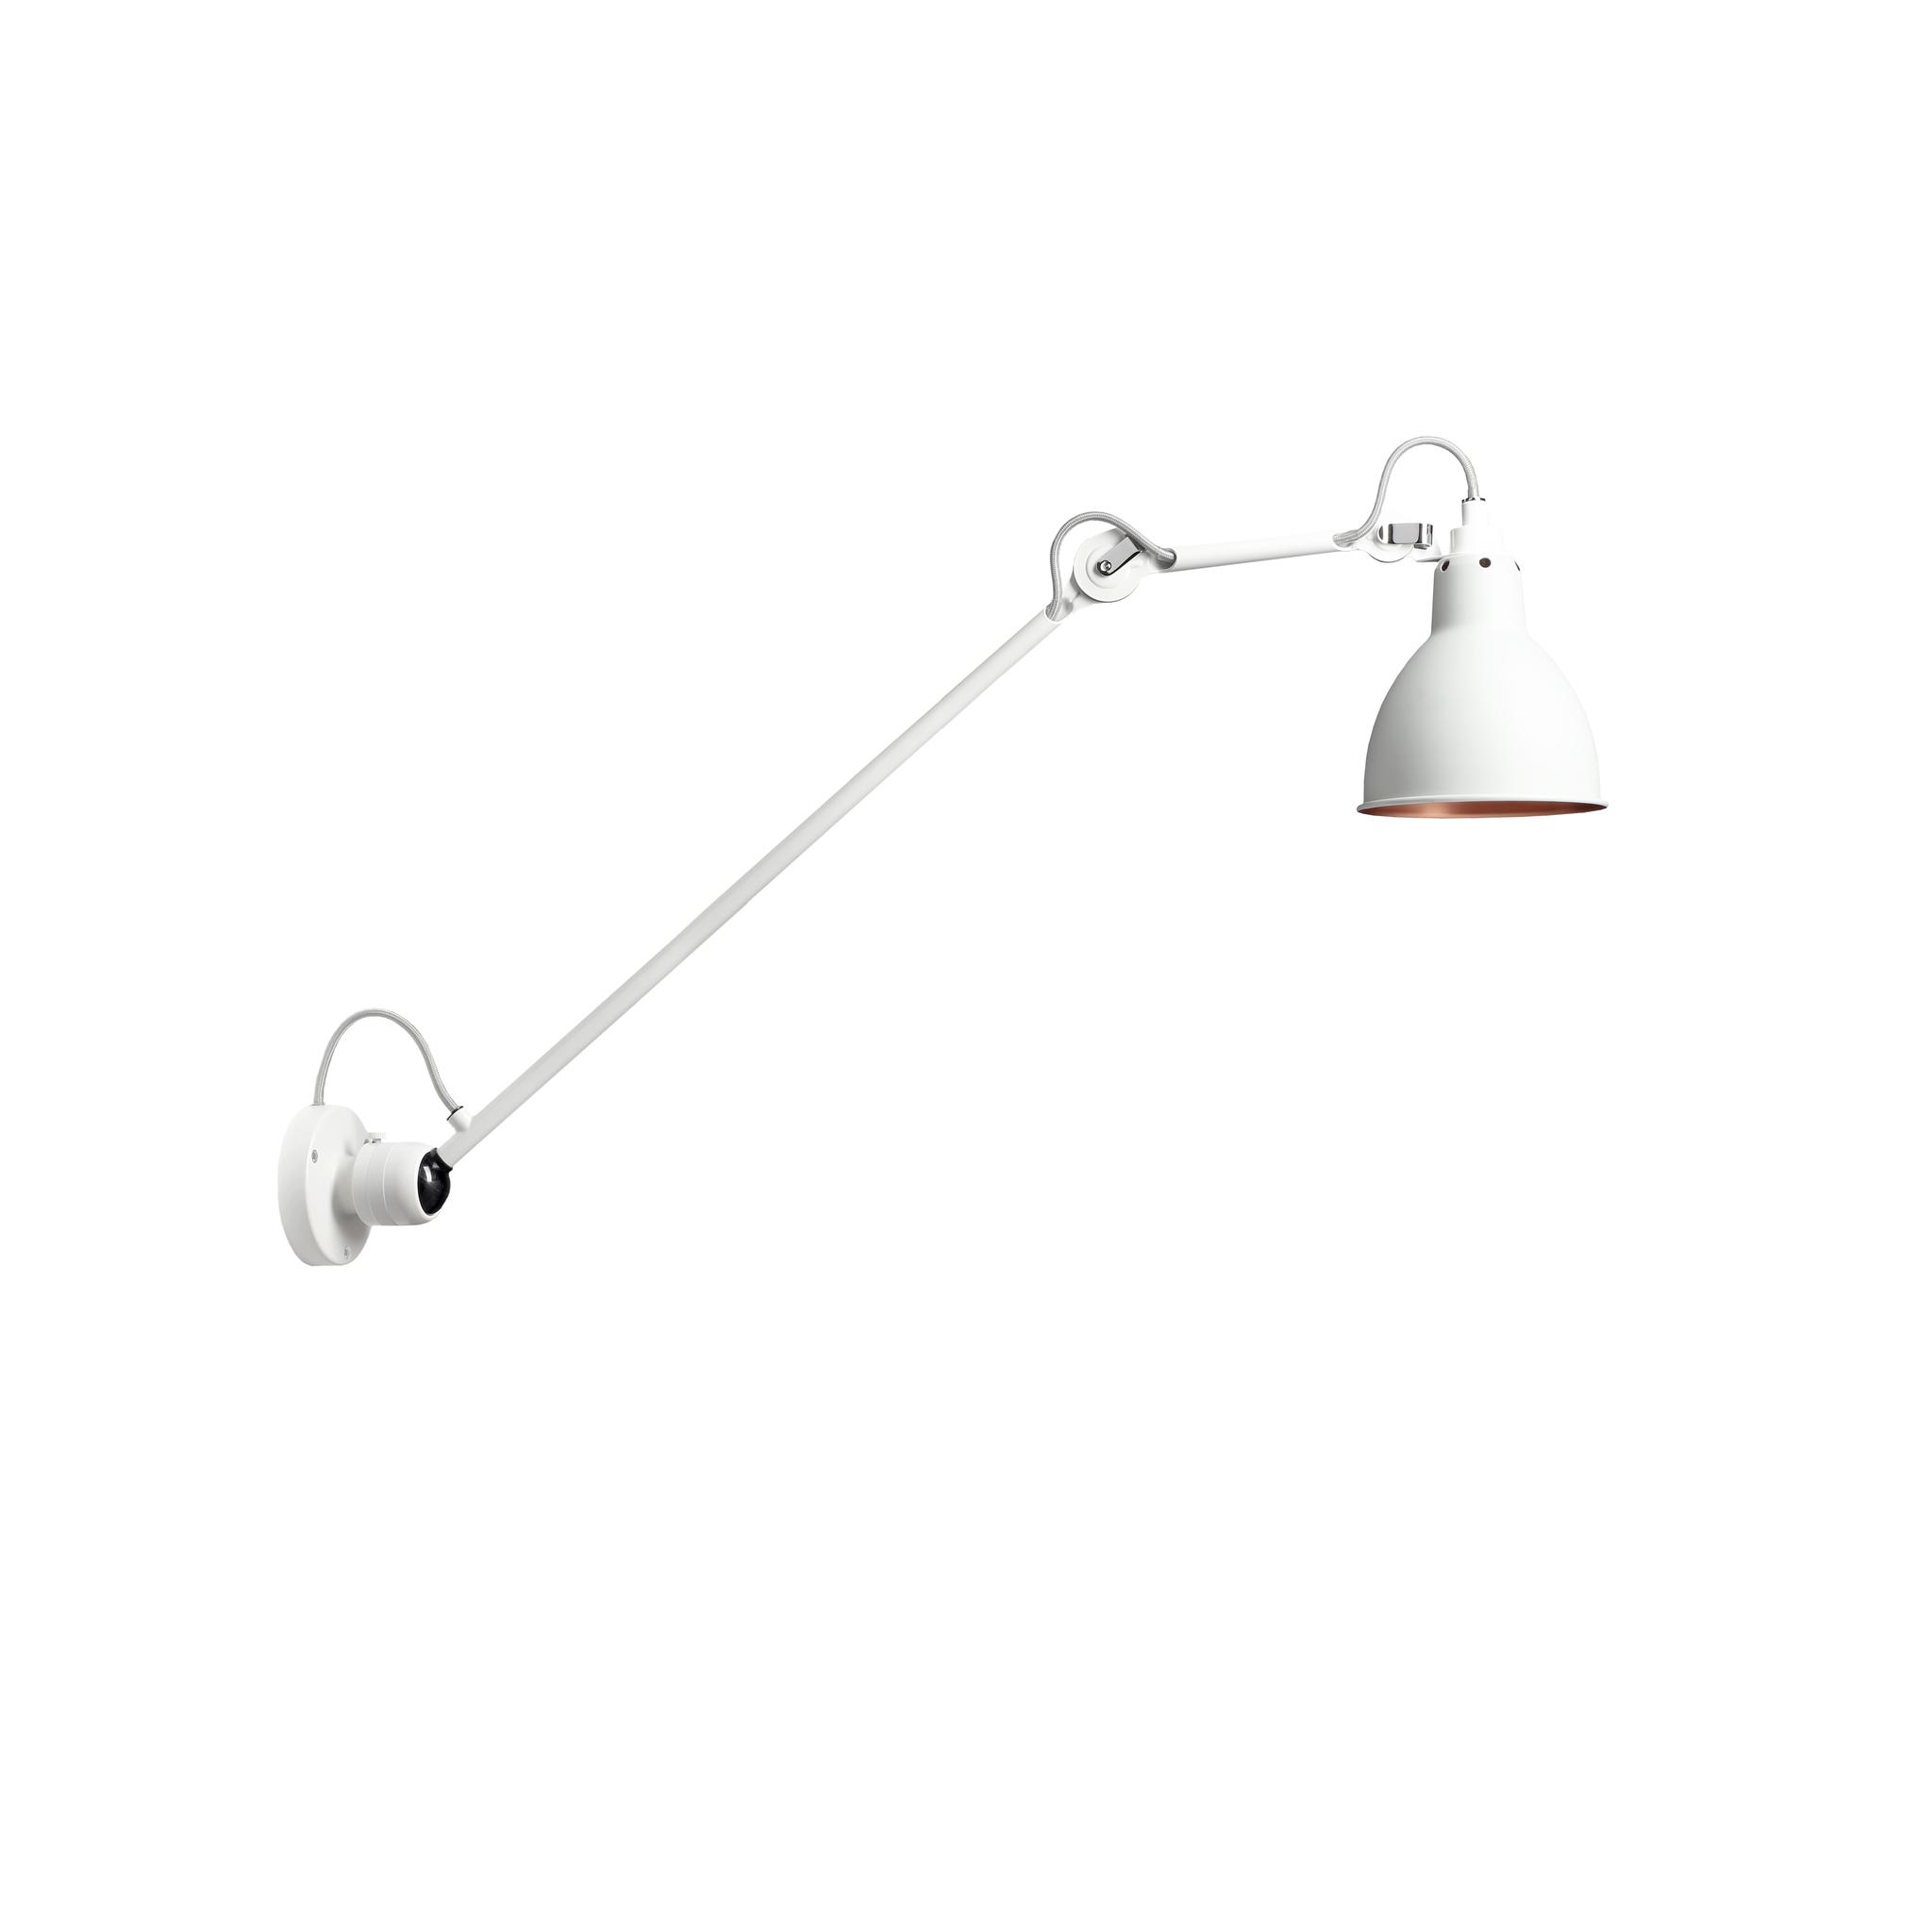 _LAMPE_GRAS_304L60_delightful_su_4